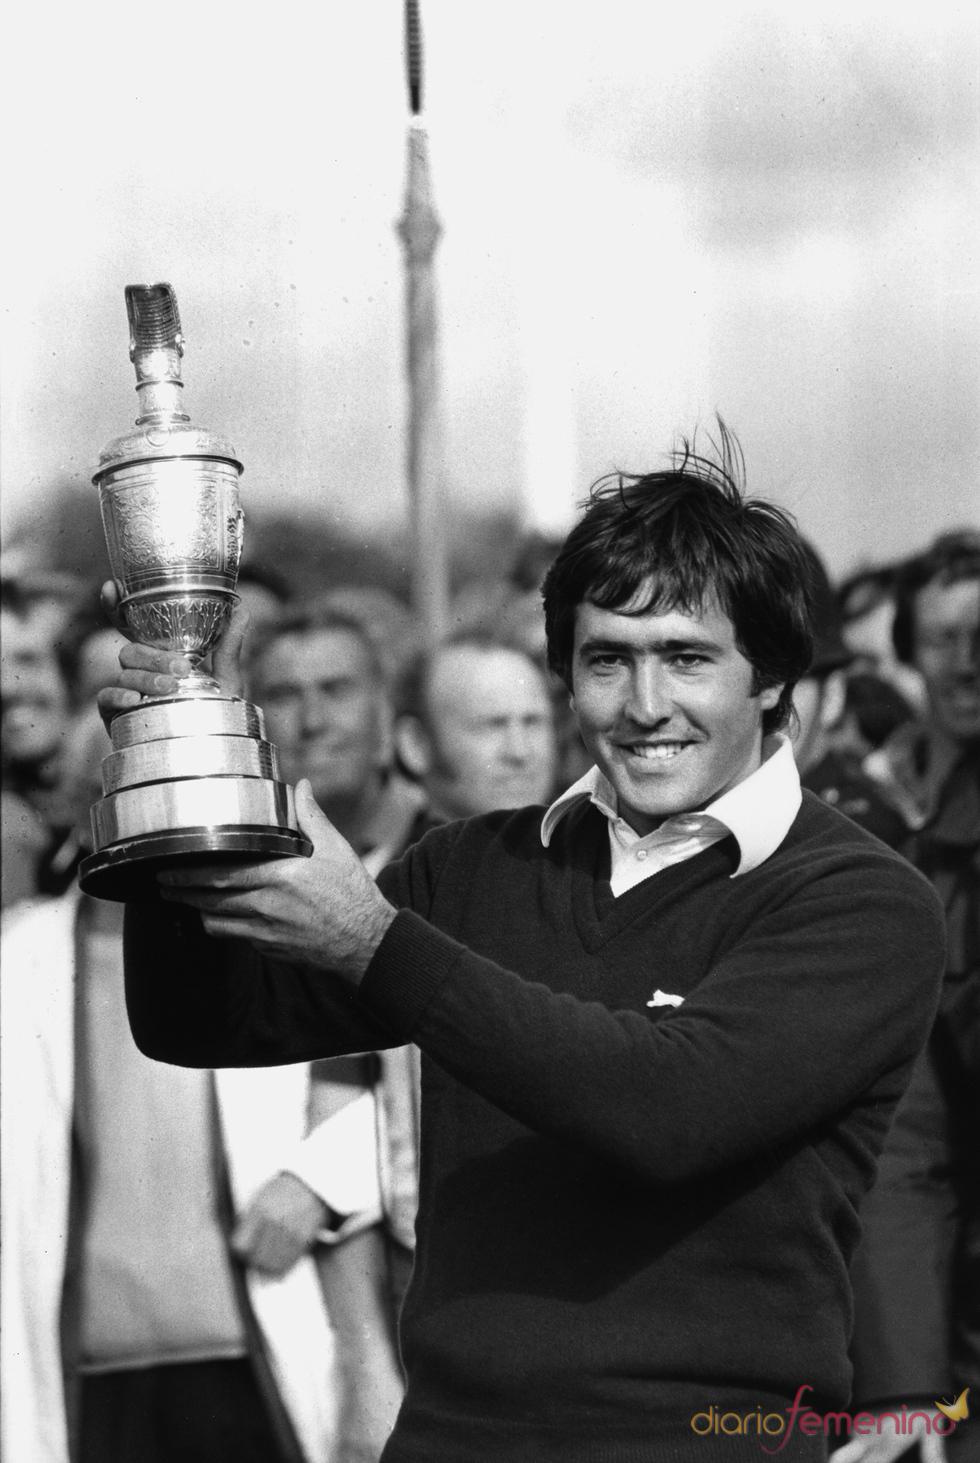 Severiano Ballesteros y su primer título europeo, el 'Open British' de 1979